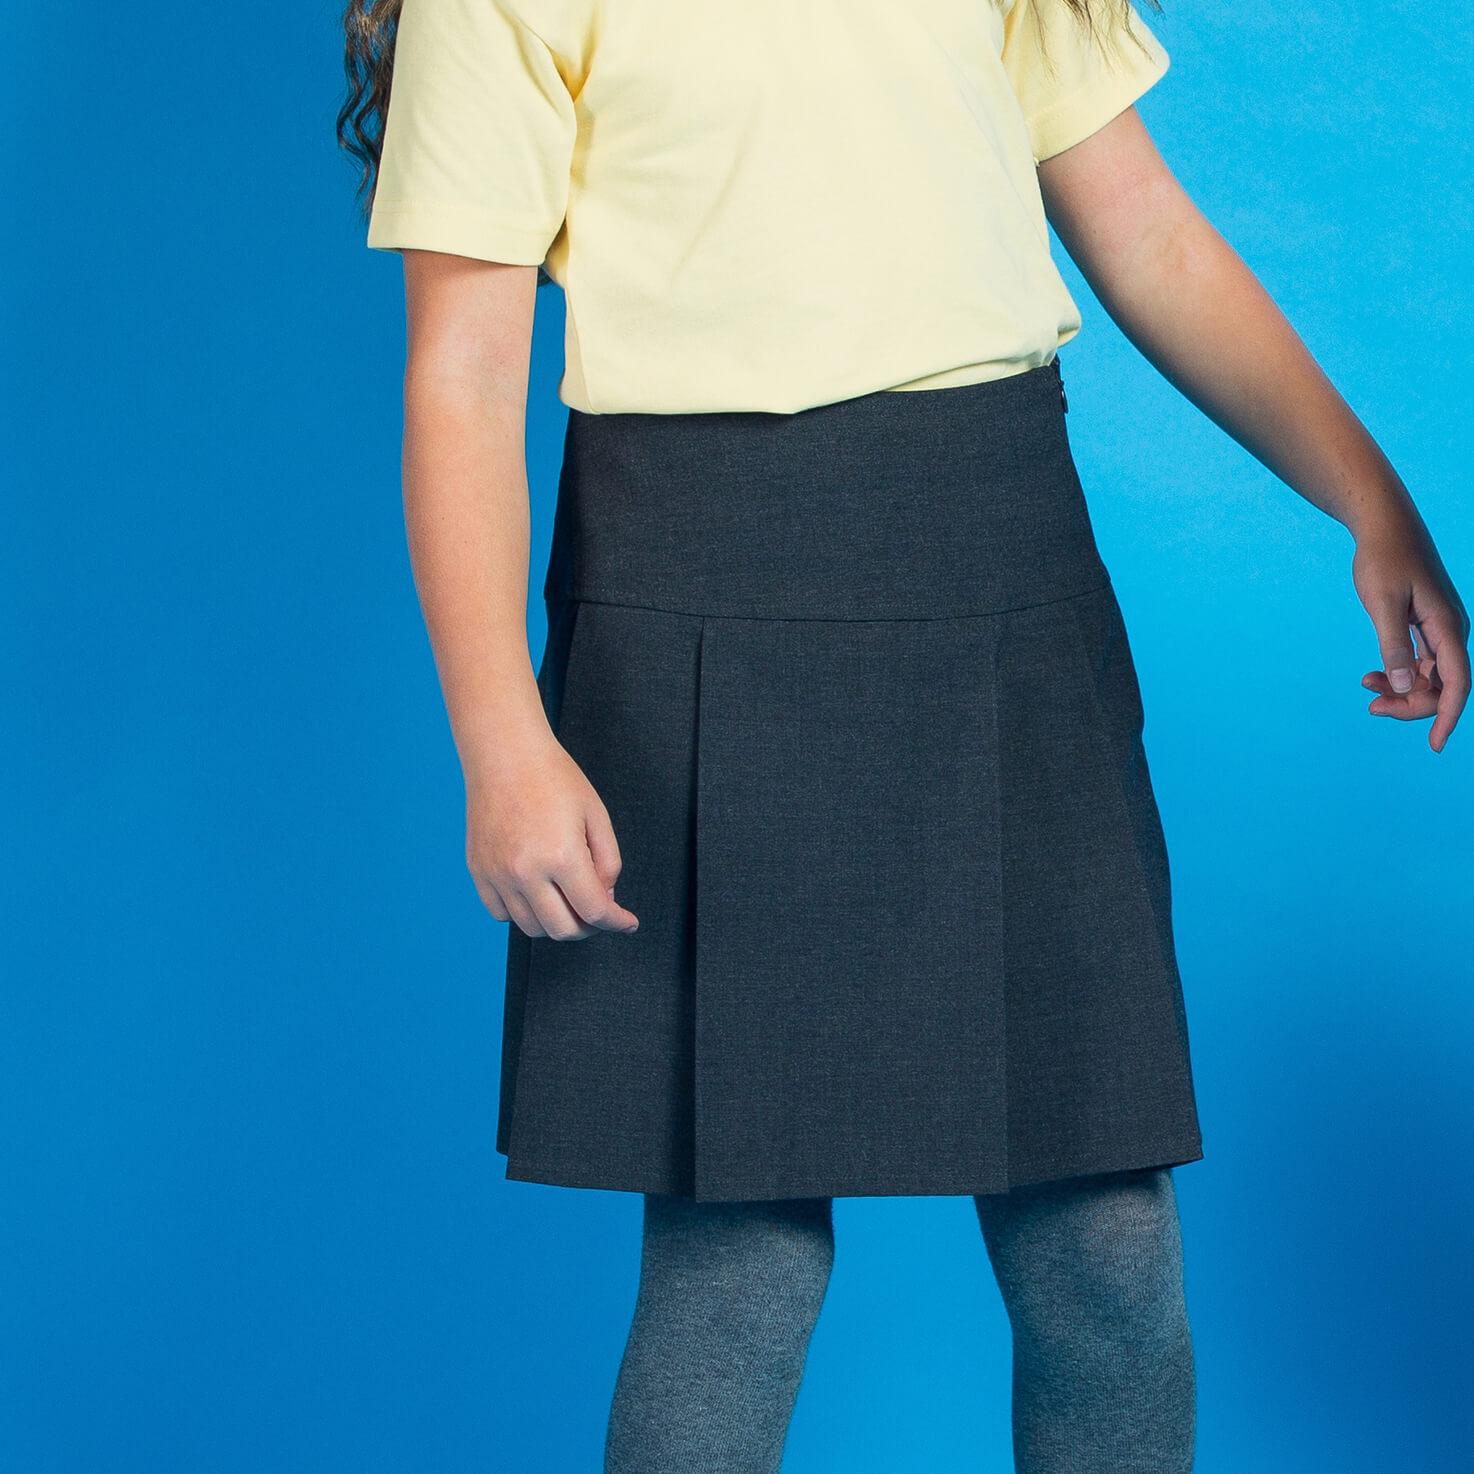 b400a4b451ae Jupe à plis amples – Poitiers – Mon uniforme scolaire